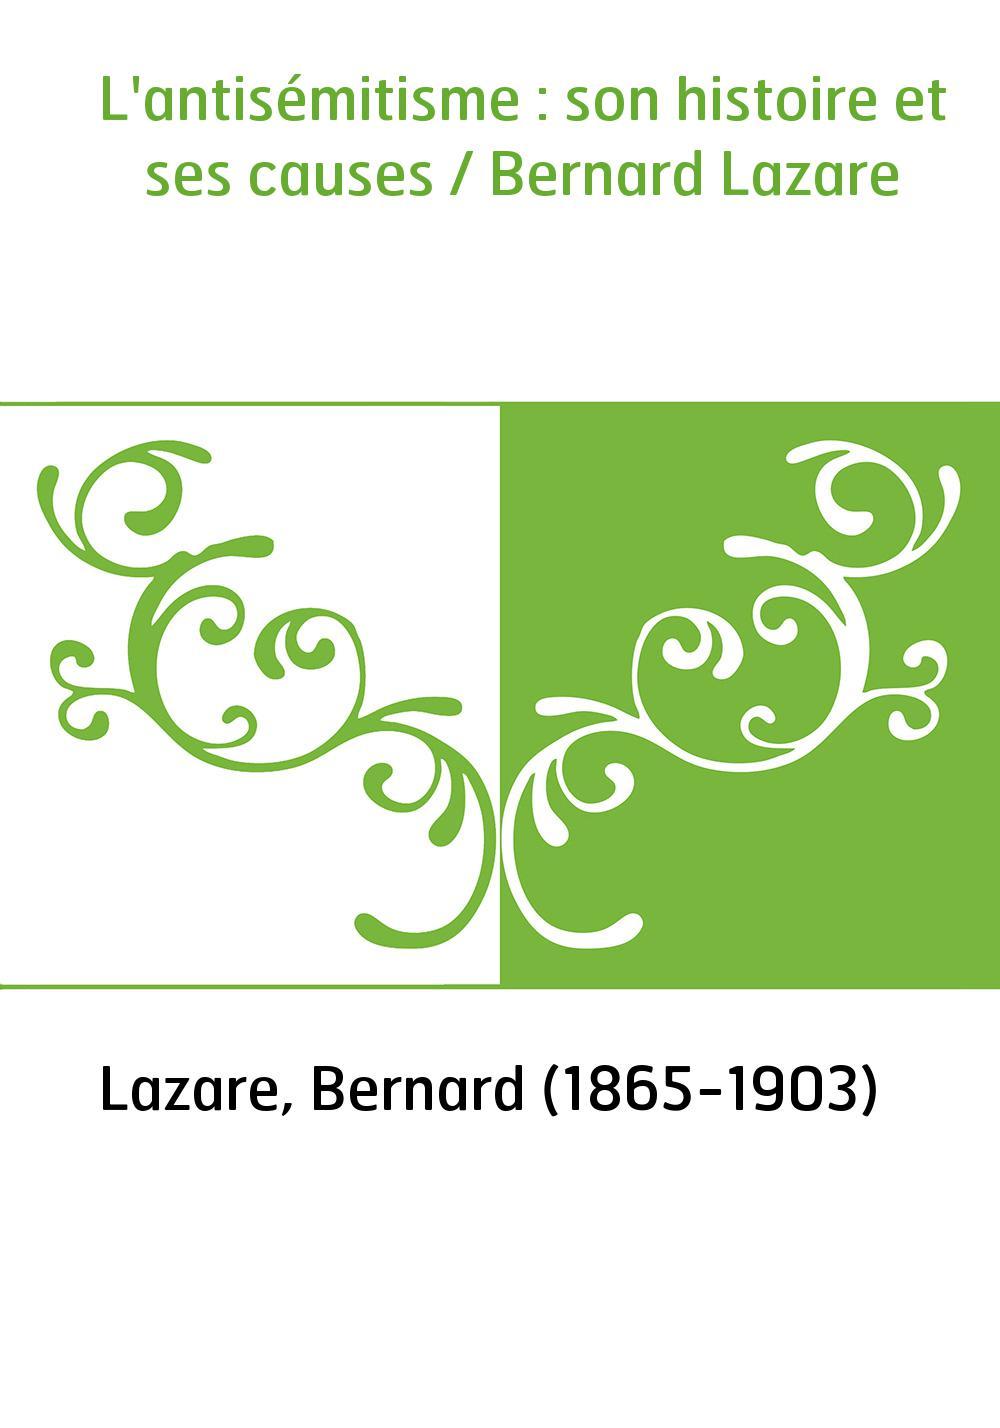 L'antisémitisme : son histoire et ses causes / Bernard Lazare